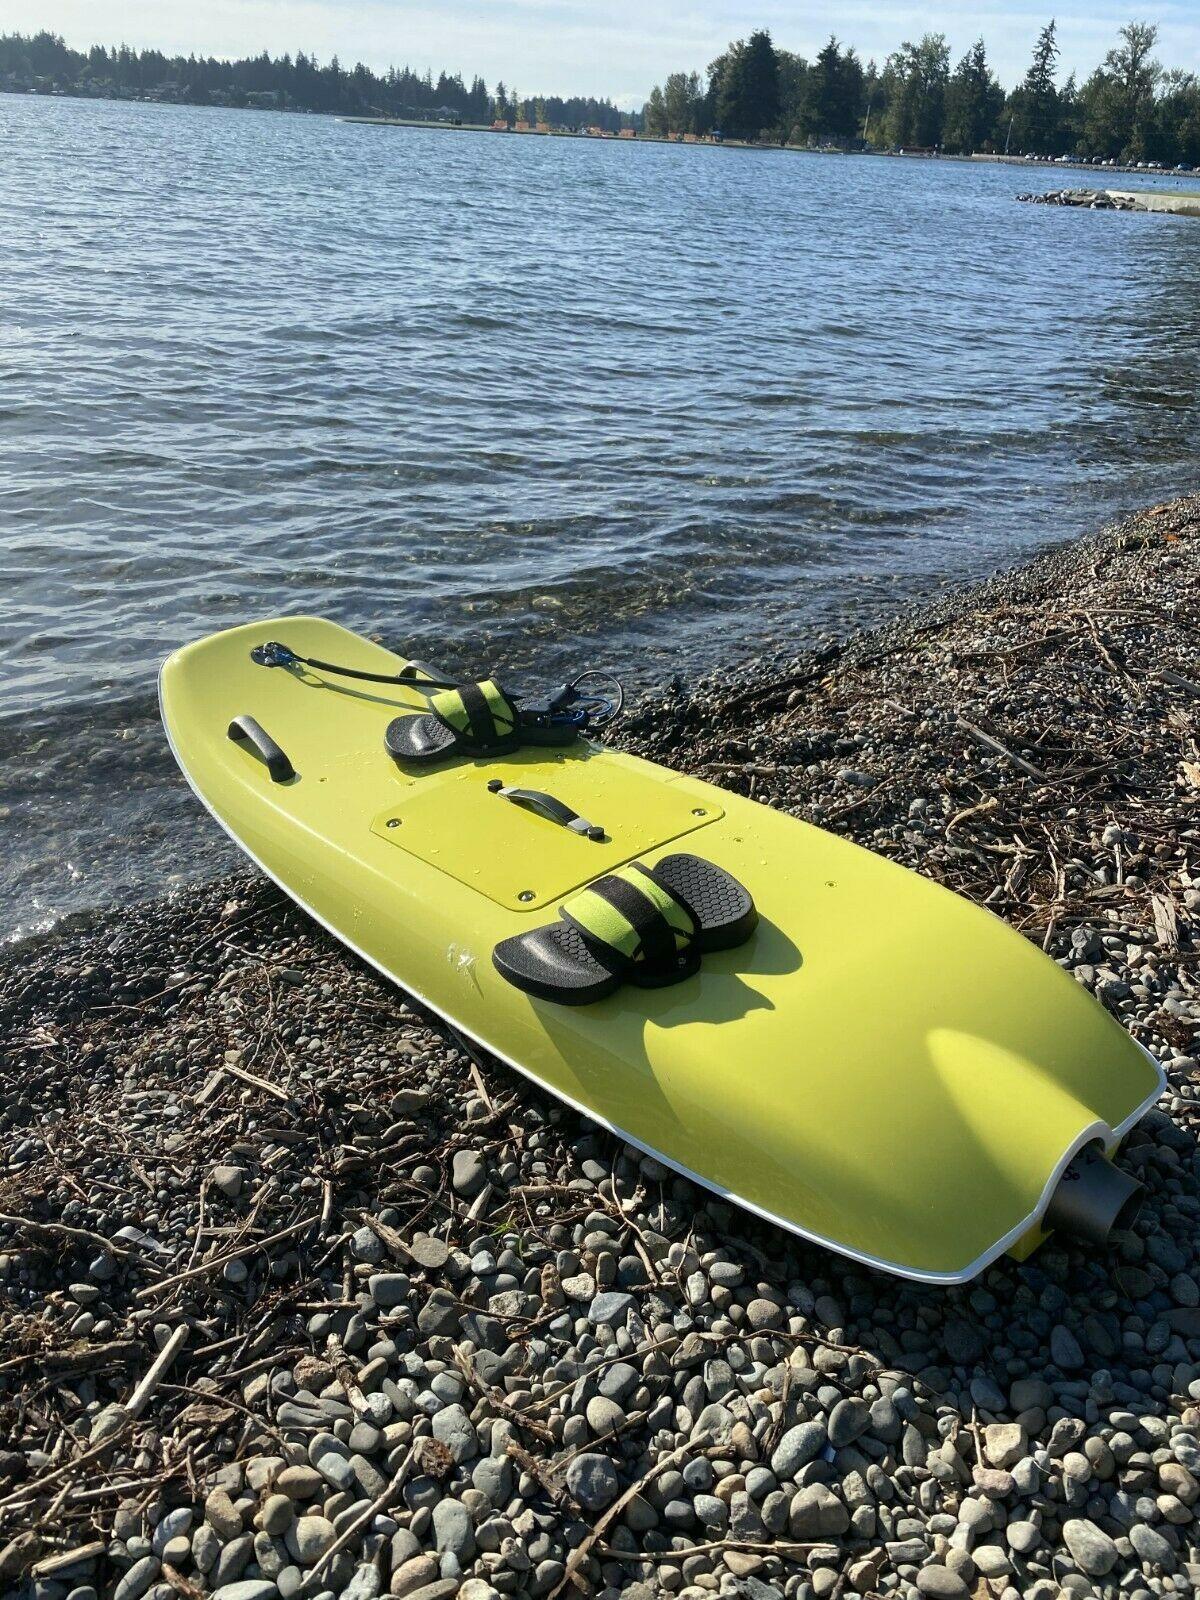 ELECTRIC JET SURFBOARD- Water Sport Jetsurf Carbon Fiber 10000W -  WhatsApp Chat: +1 (505)-257-0347